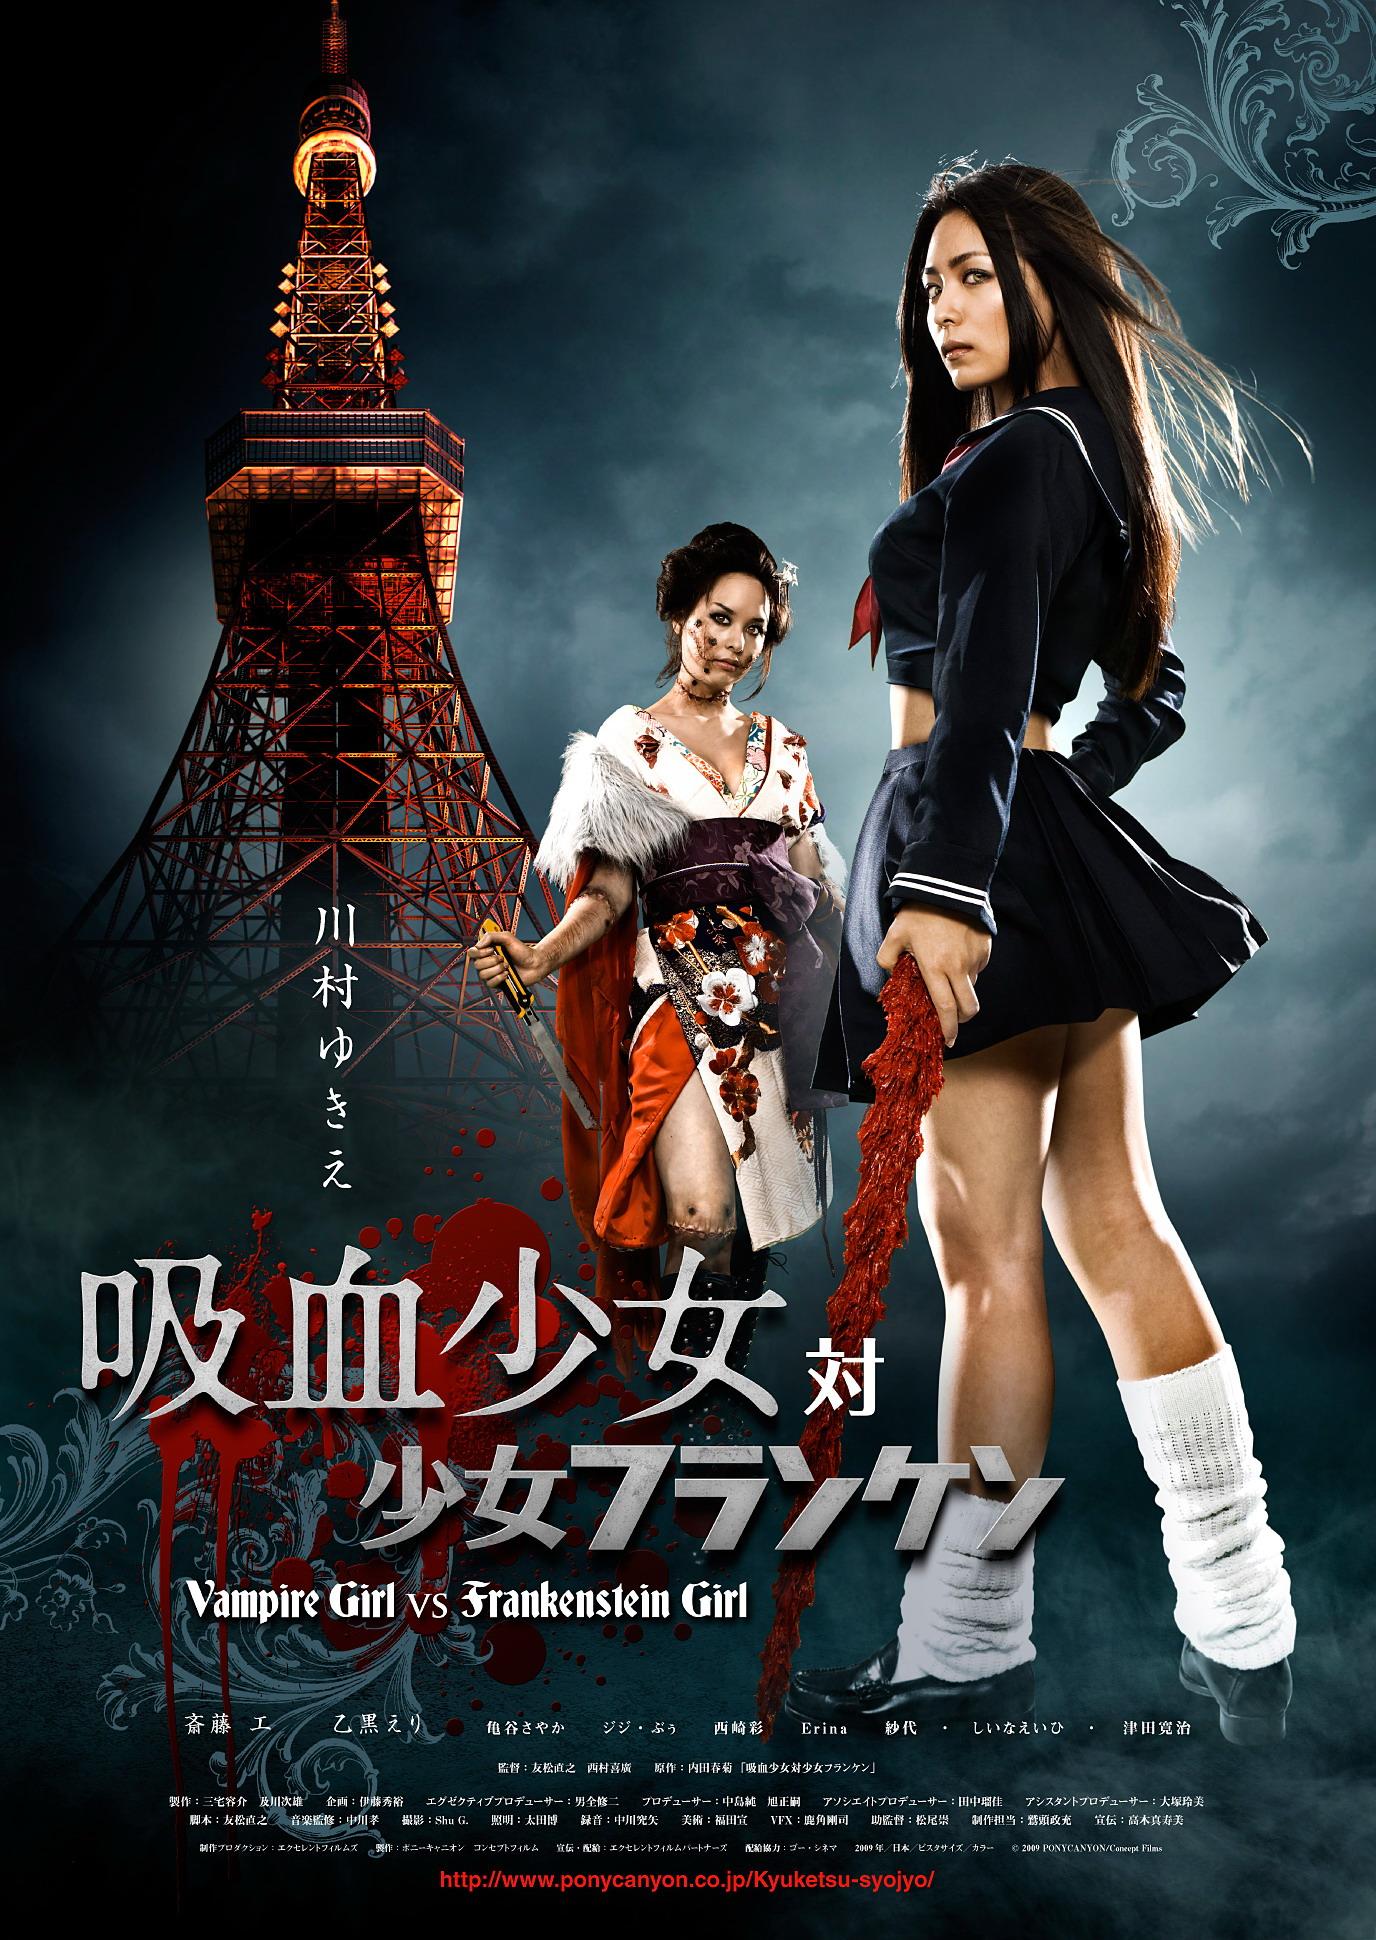 vamp-girl-vs-frank-girl-poster